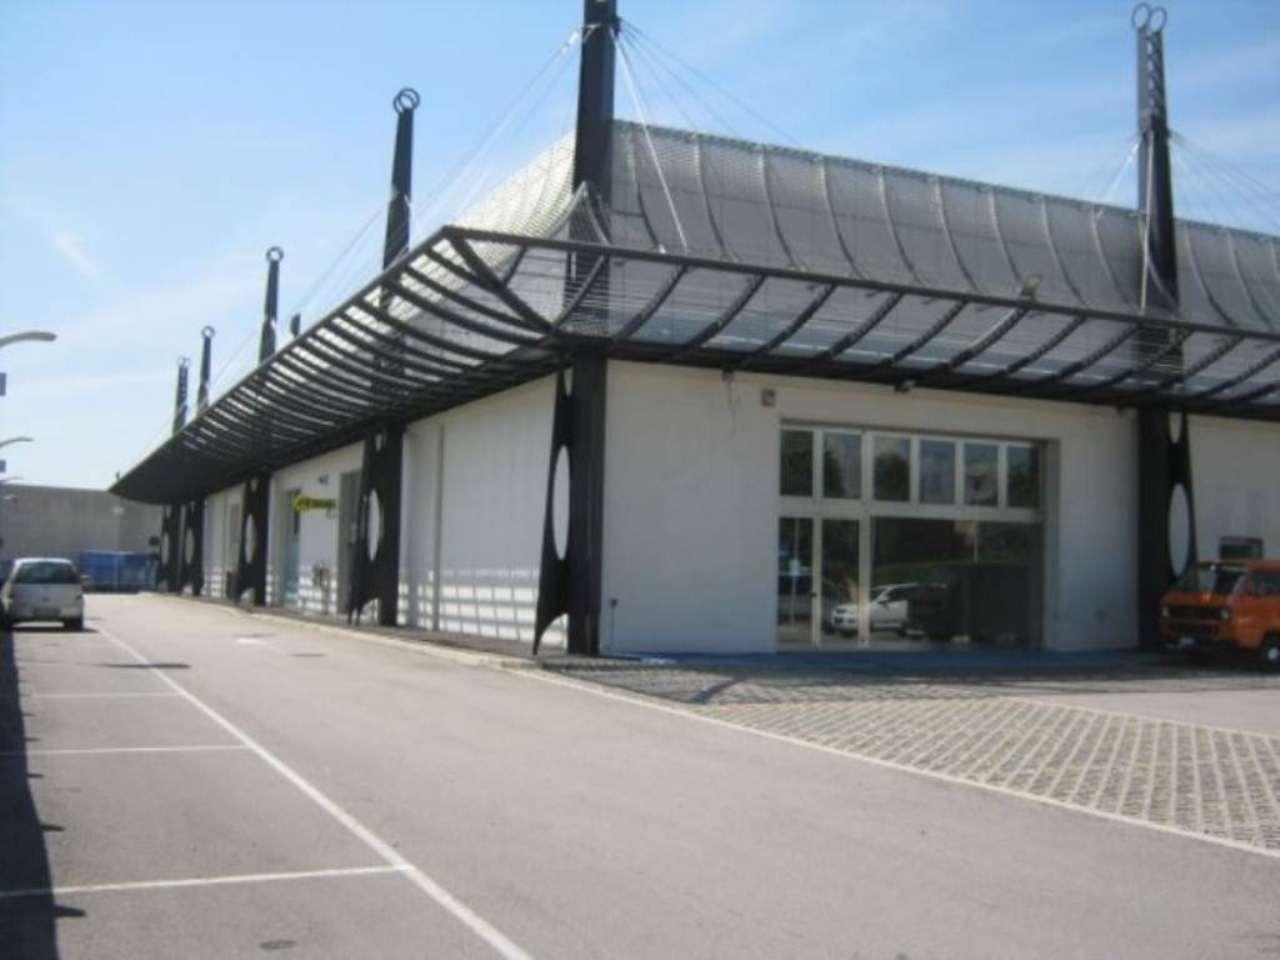 Negozio / Locale in affitto a Pescantina, 9999 locali, Trattative riservate | Cambio Casa.it